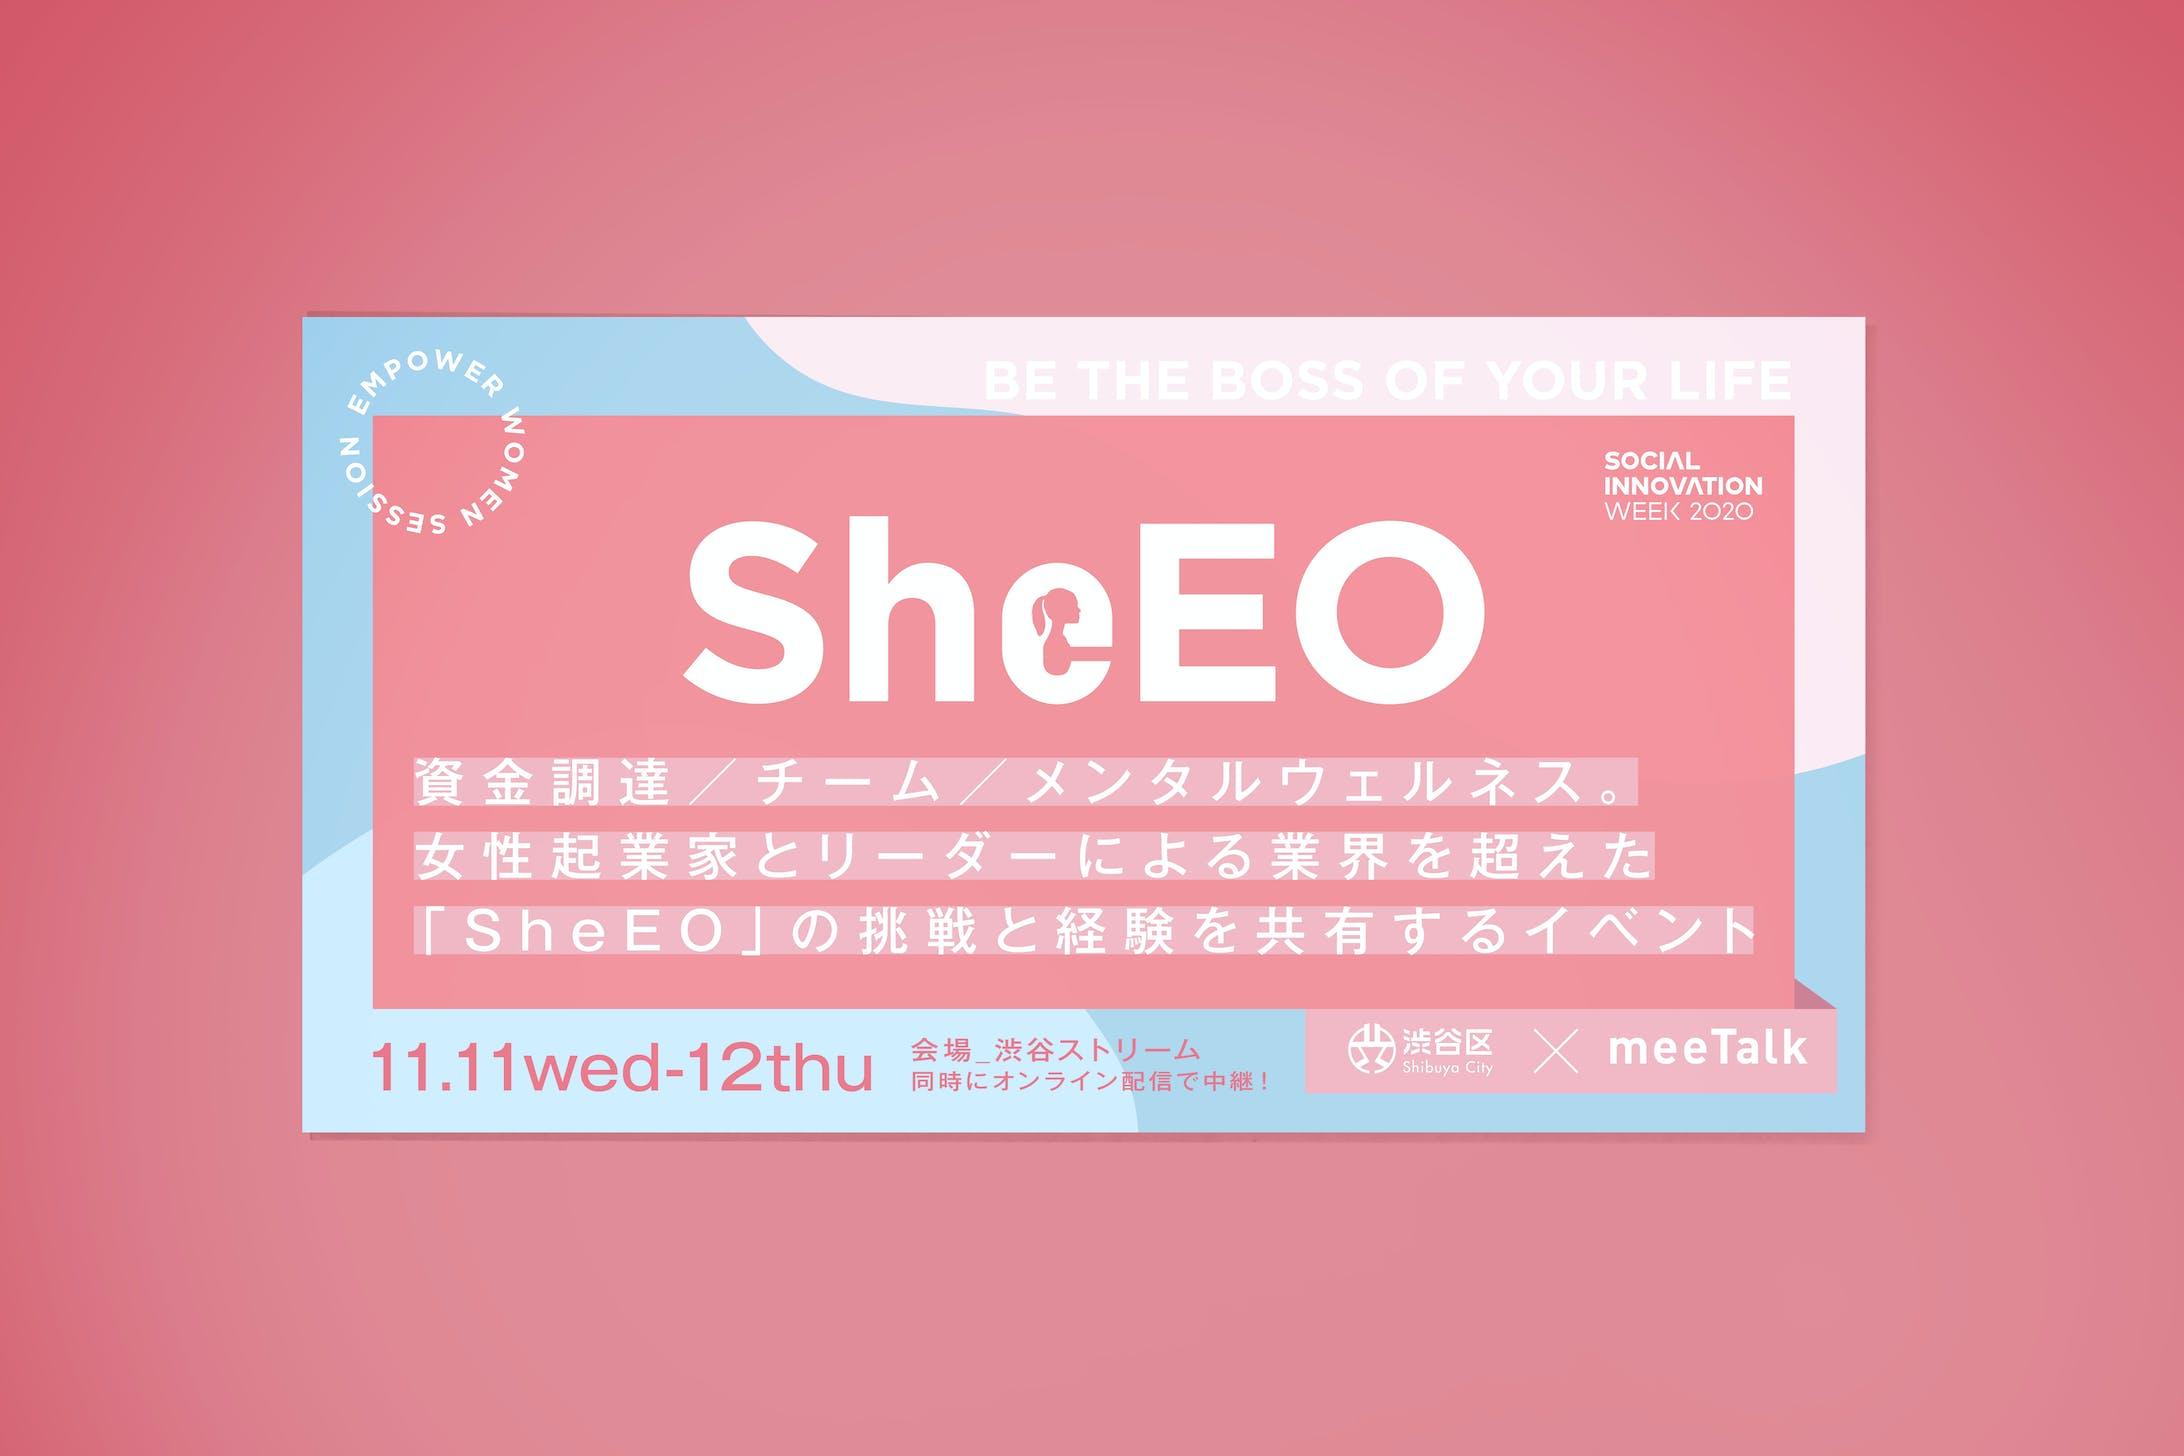 Shiubya-ku & meeTalk『SheEO – BE THE BOSS OF YOUR LIFE』-4